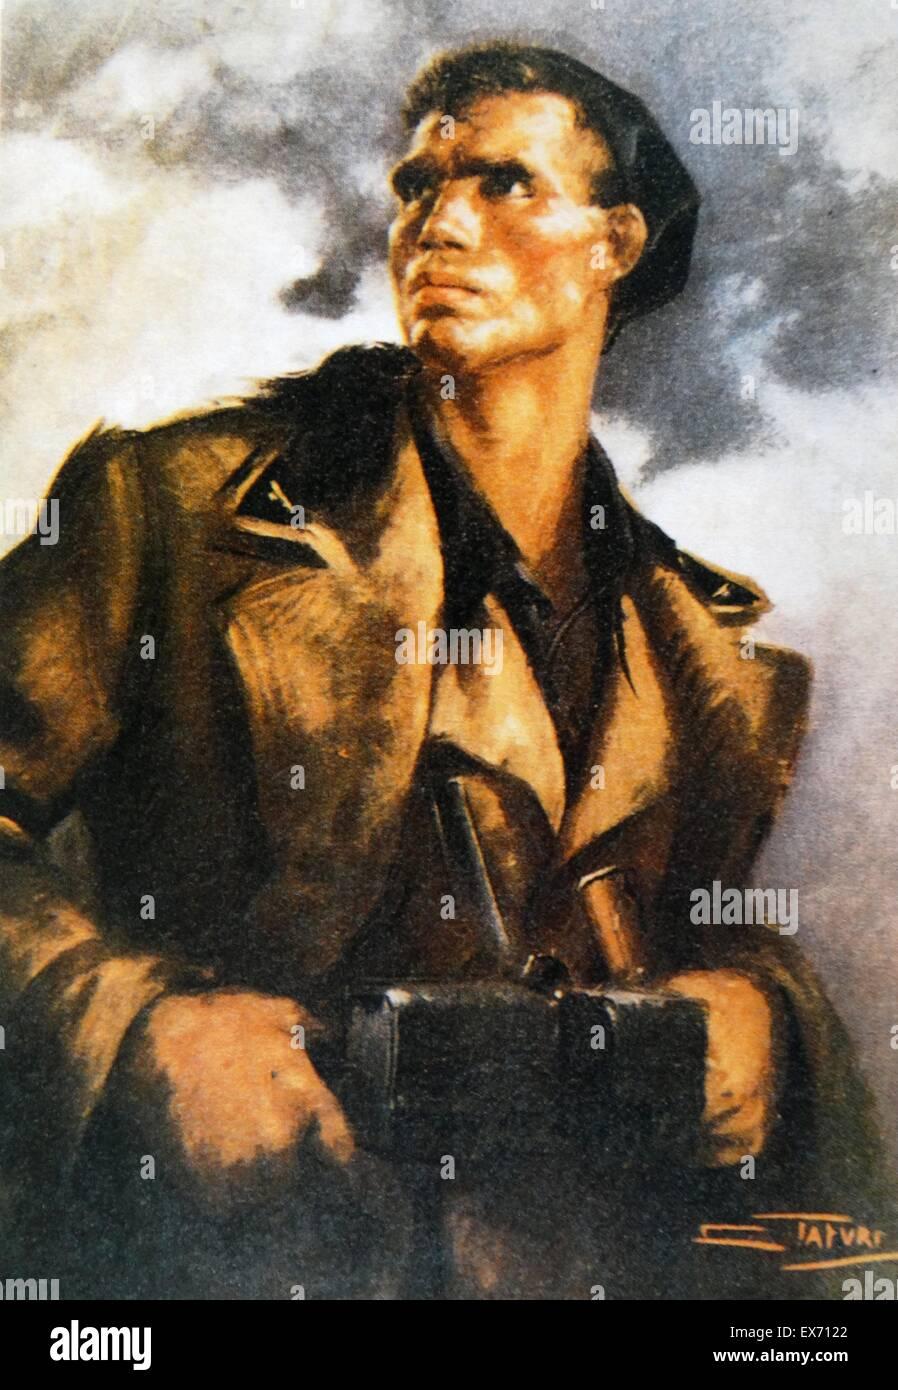 La pittura di un soldato dal corpo di truppe di volontariato (Italiano: Corpo truppe volontarie, CTV) era un italiano Immagini Stock